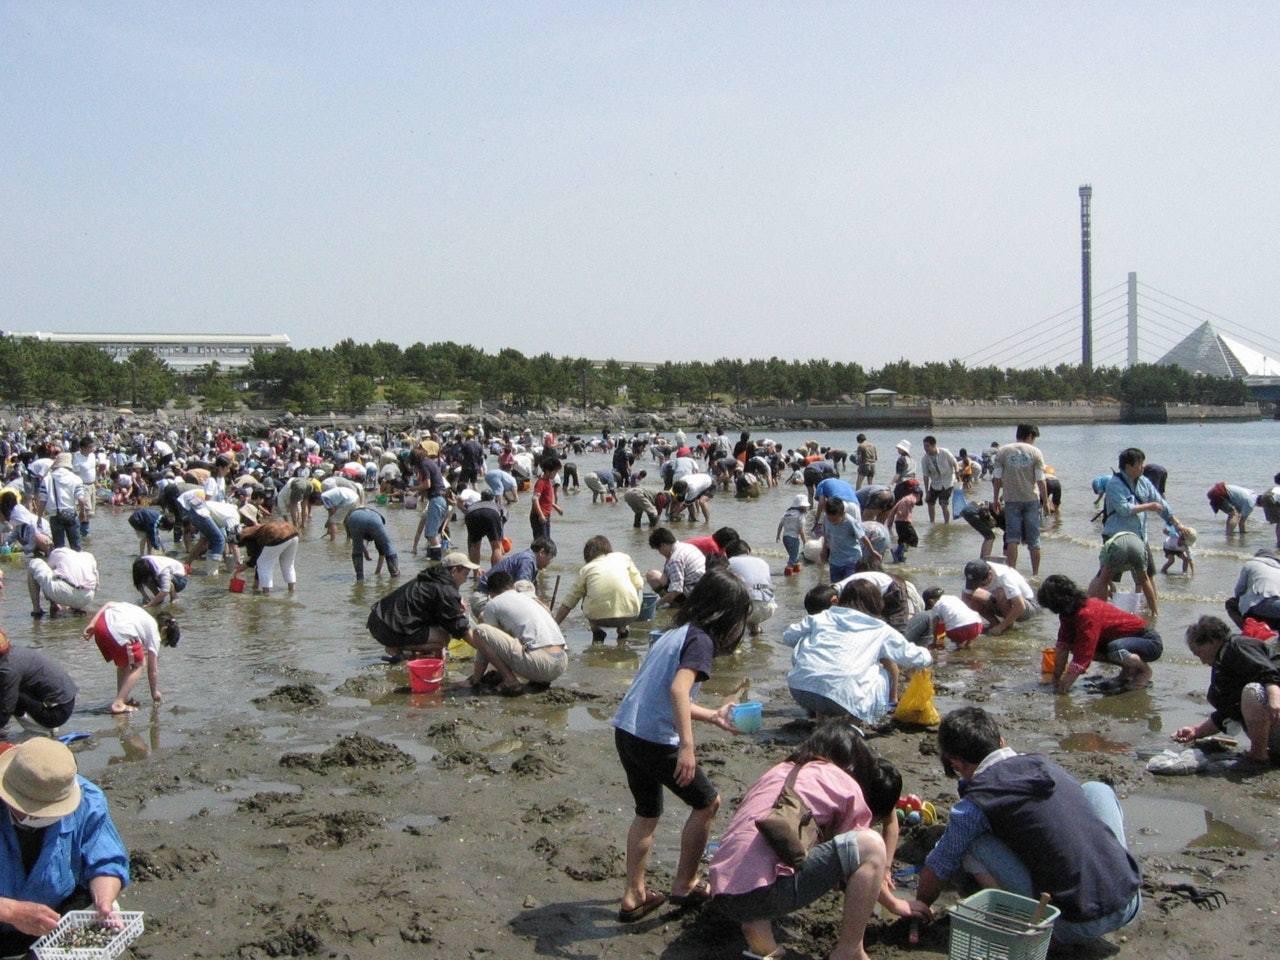 「潮干狩り」是日本常見的家庭活動。圖擷自横浜市緑の協会